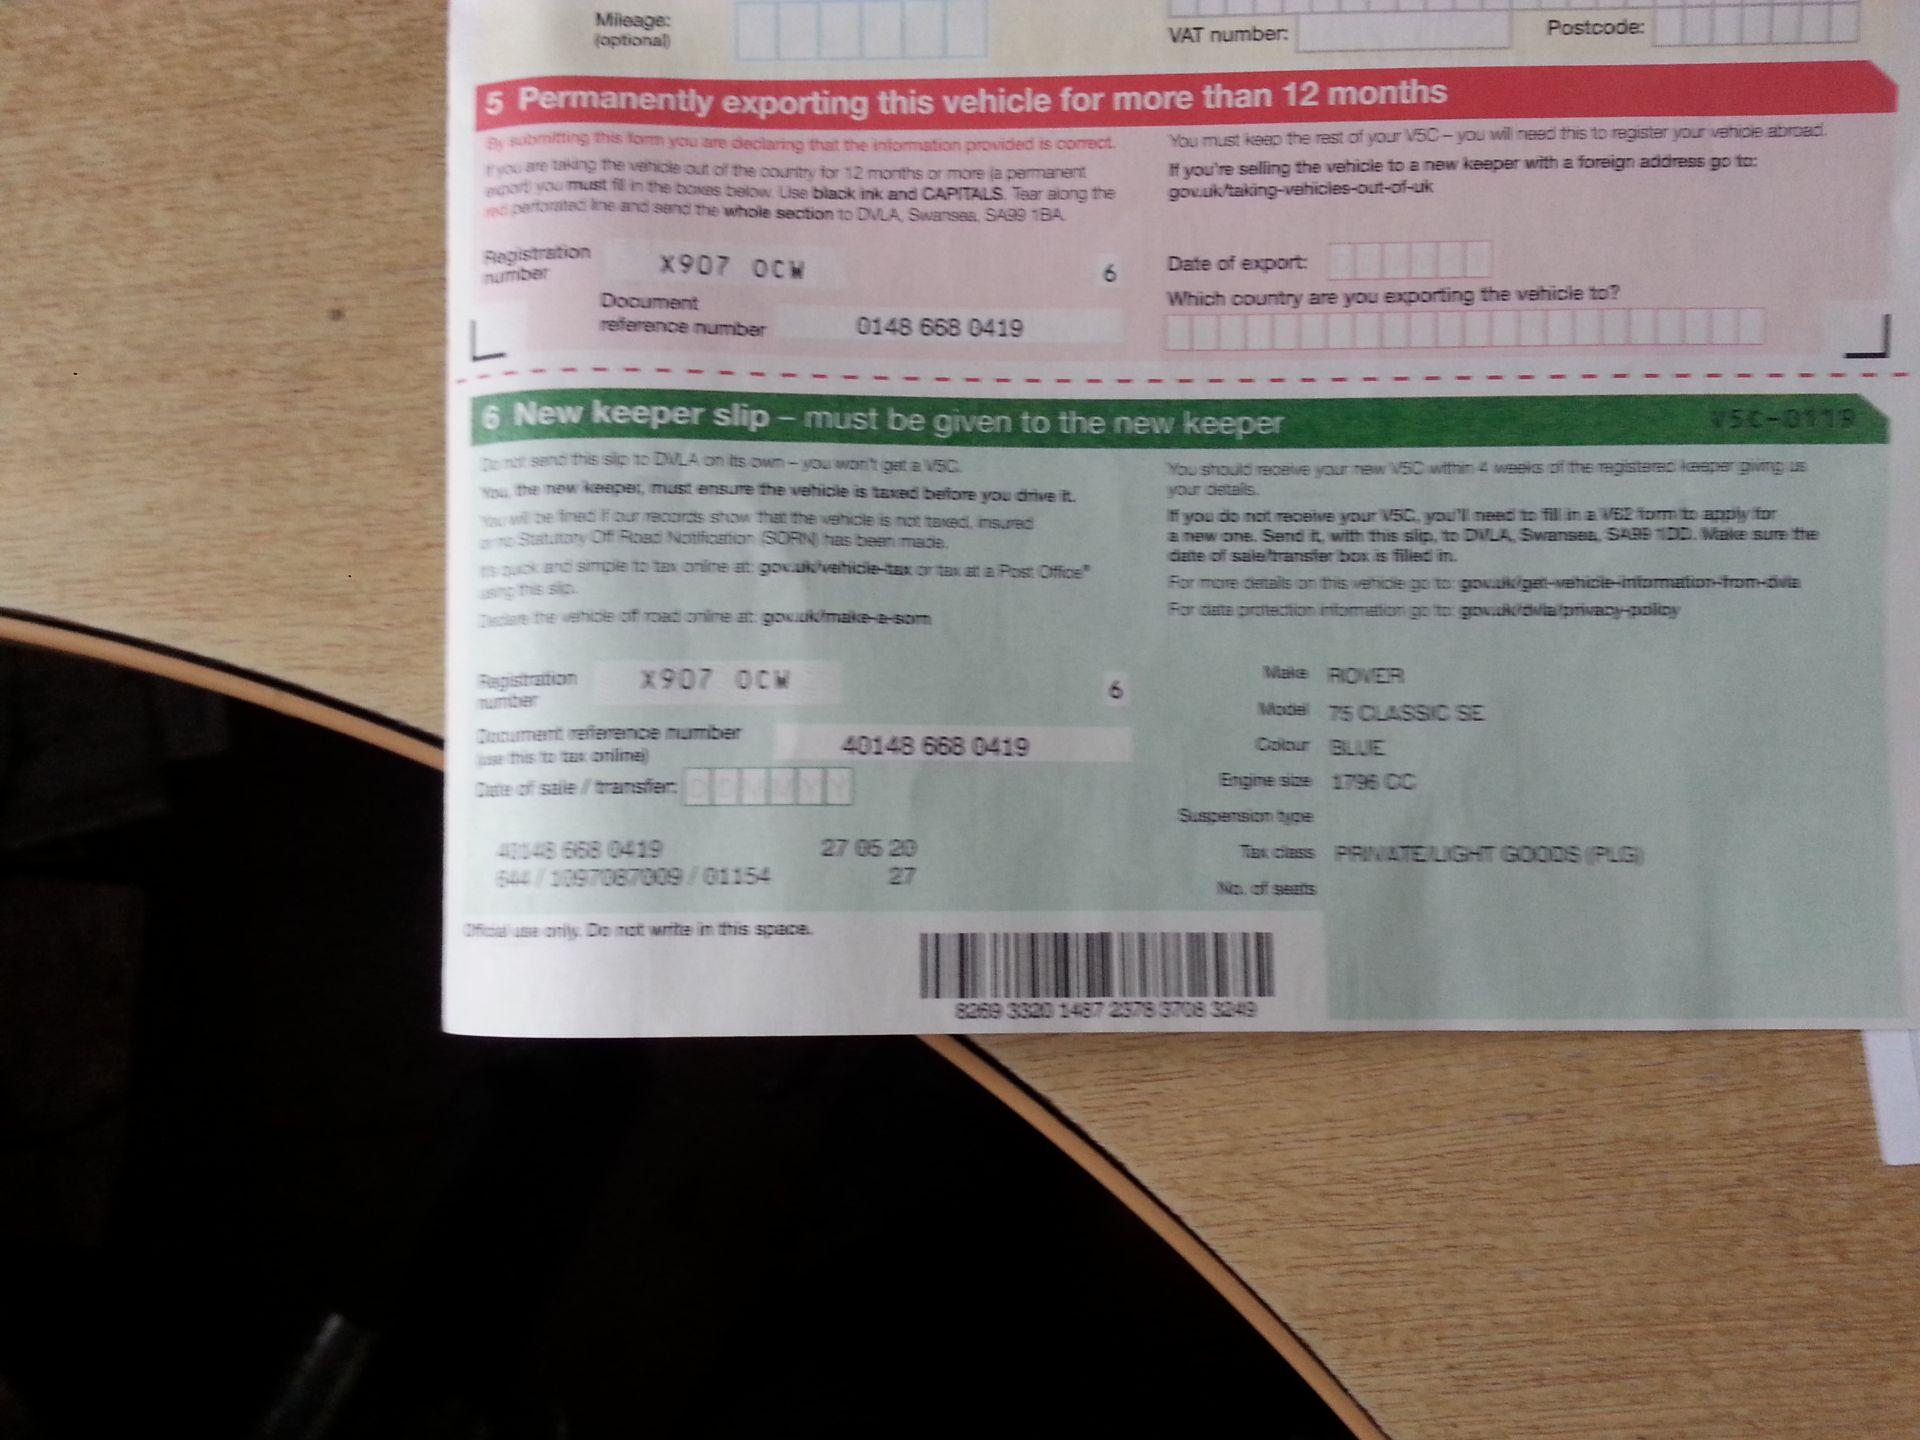 Lot 58 - 2000/X REG ROVER 75 CLASSIC SE 1.8 PETROL BLUE 4 DOOR SALOON *NO VAT*